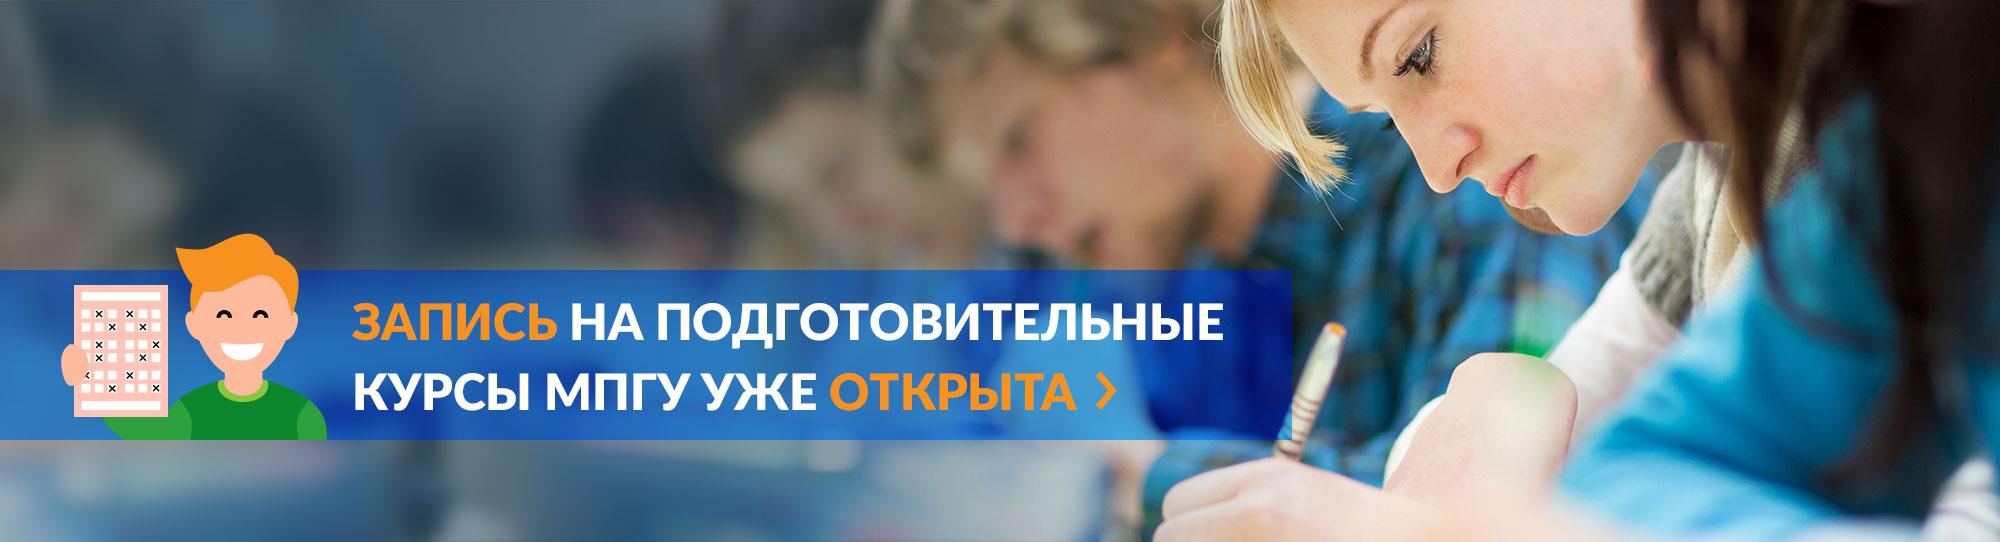 mpgu-site-big-banner-Podgot-kursy-2017